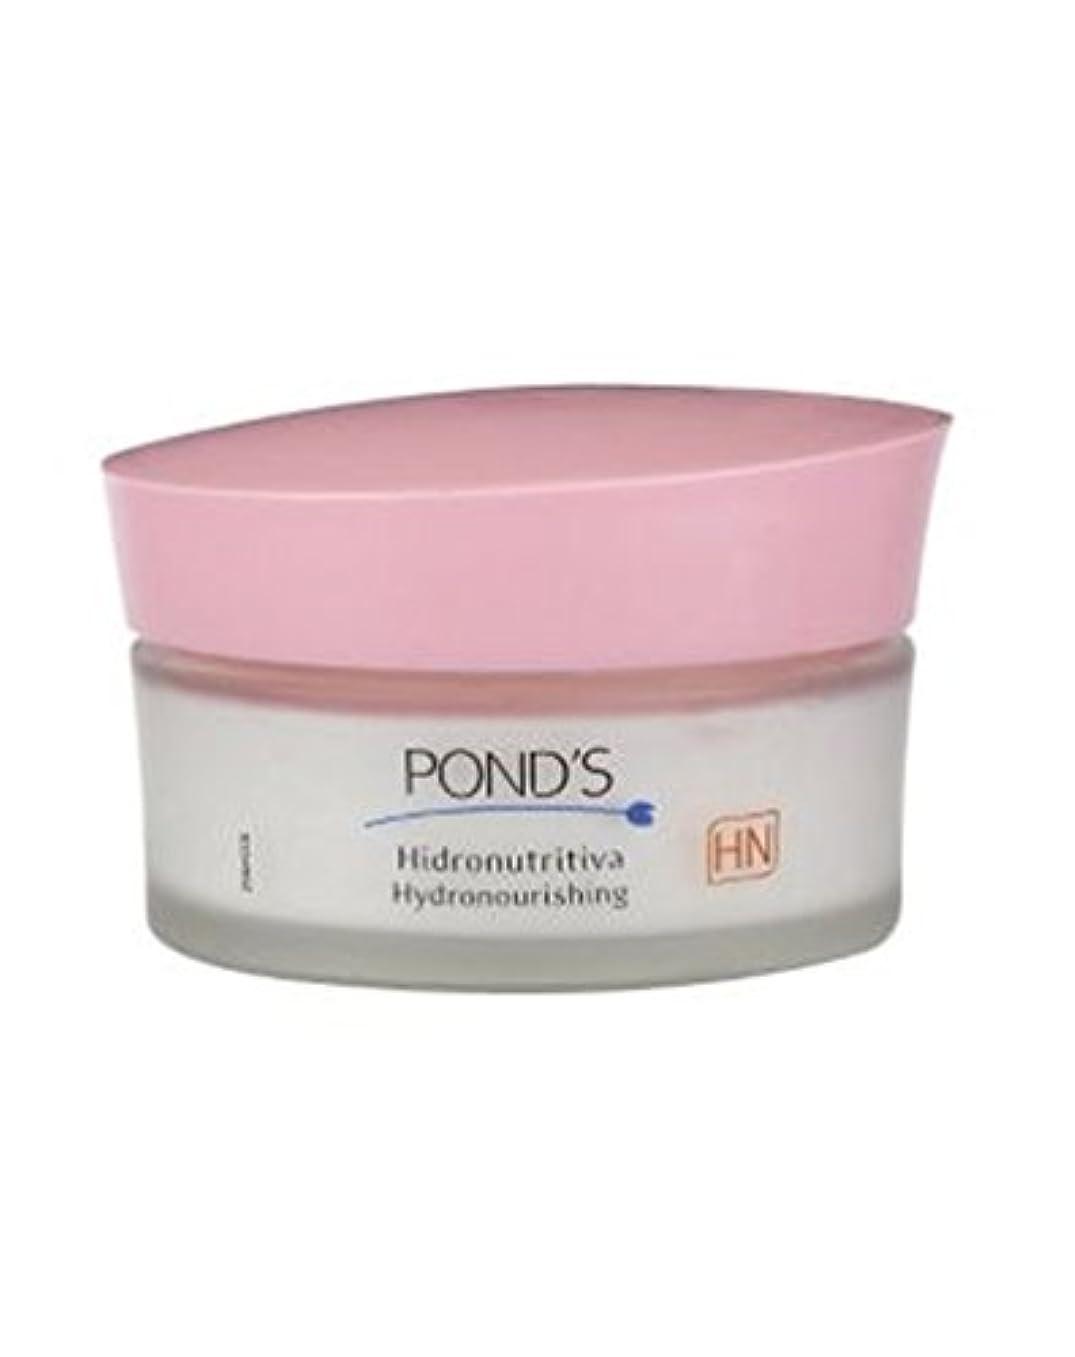 フローティング模索実際のアンチリンクルクリーム50ミリリットル栄養池 (Ponds) (x2) - Ponds Nourishing Anti-wrinkle Cream 50ml (Pack of 2) [並行輸入品]